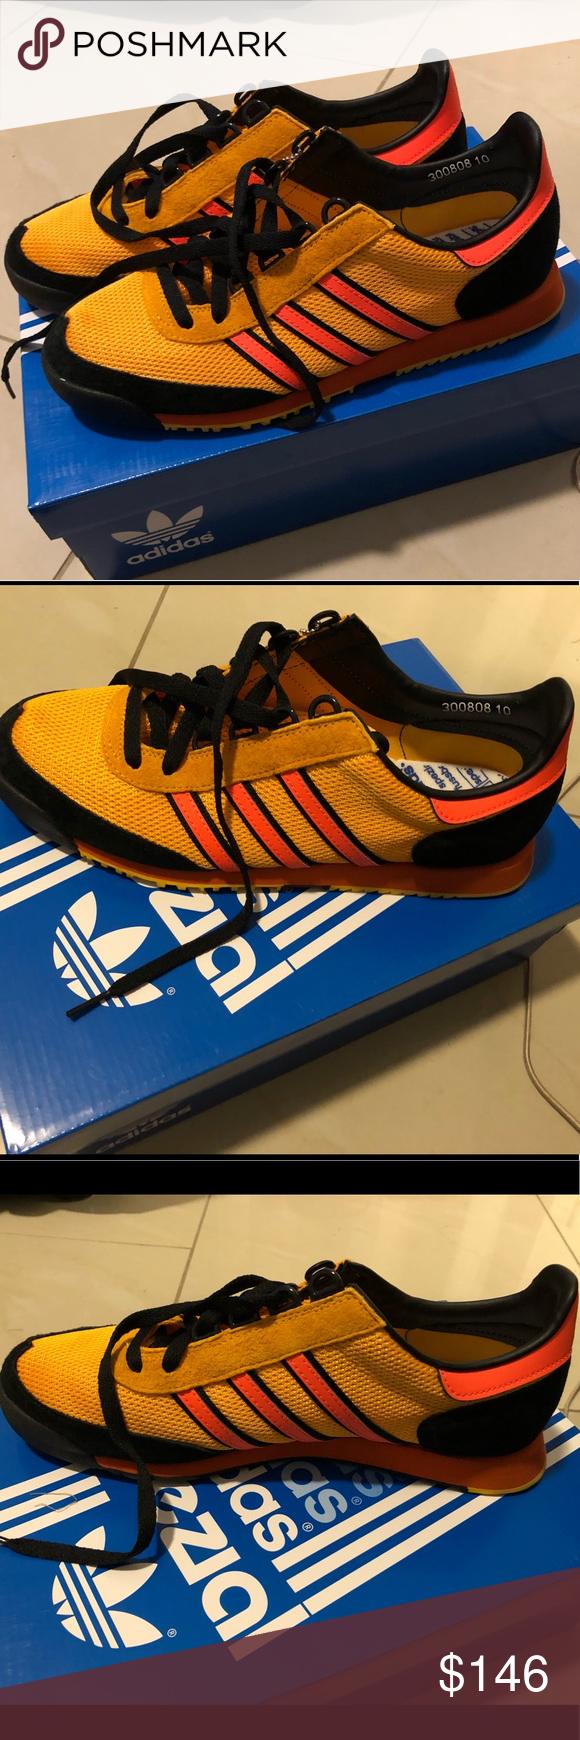 tags. Sl80 Adidas spezial size